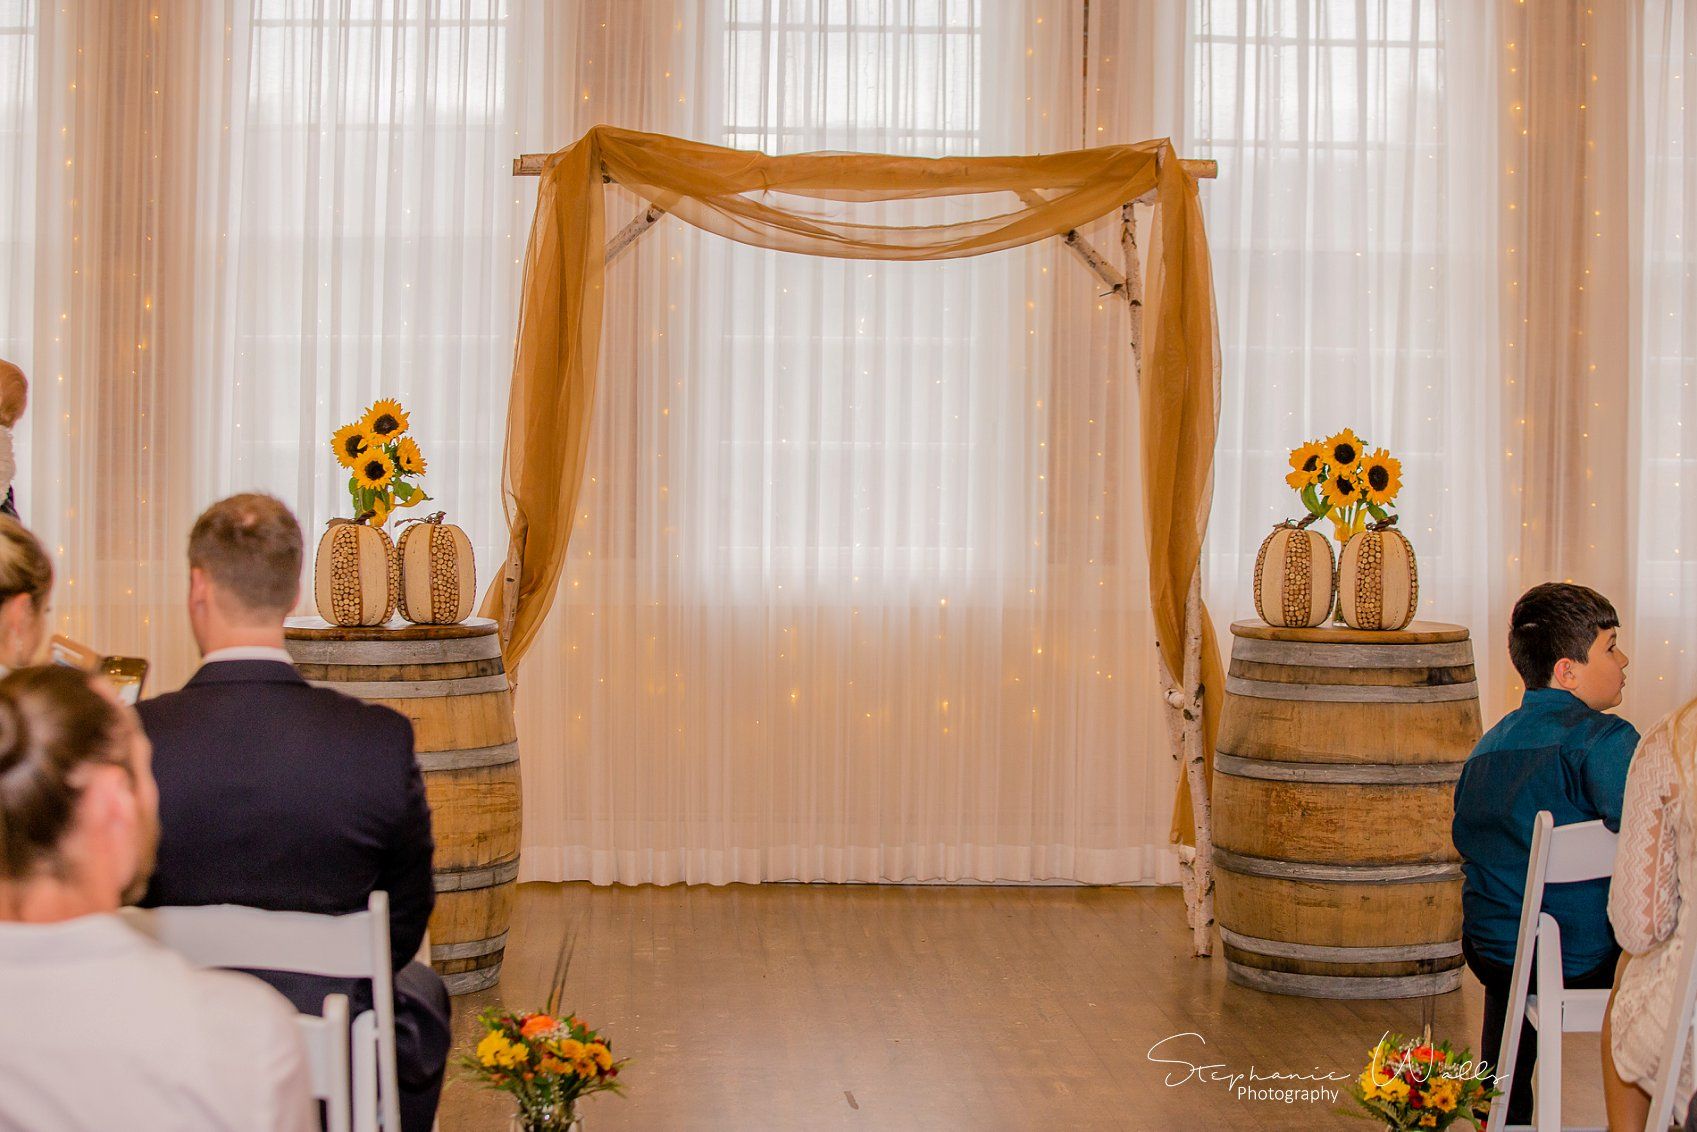 Ceremony 001 KK & Zack   Hollywood Schoolhouse Wedding   Woodinville, Wa Wedding Photographer